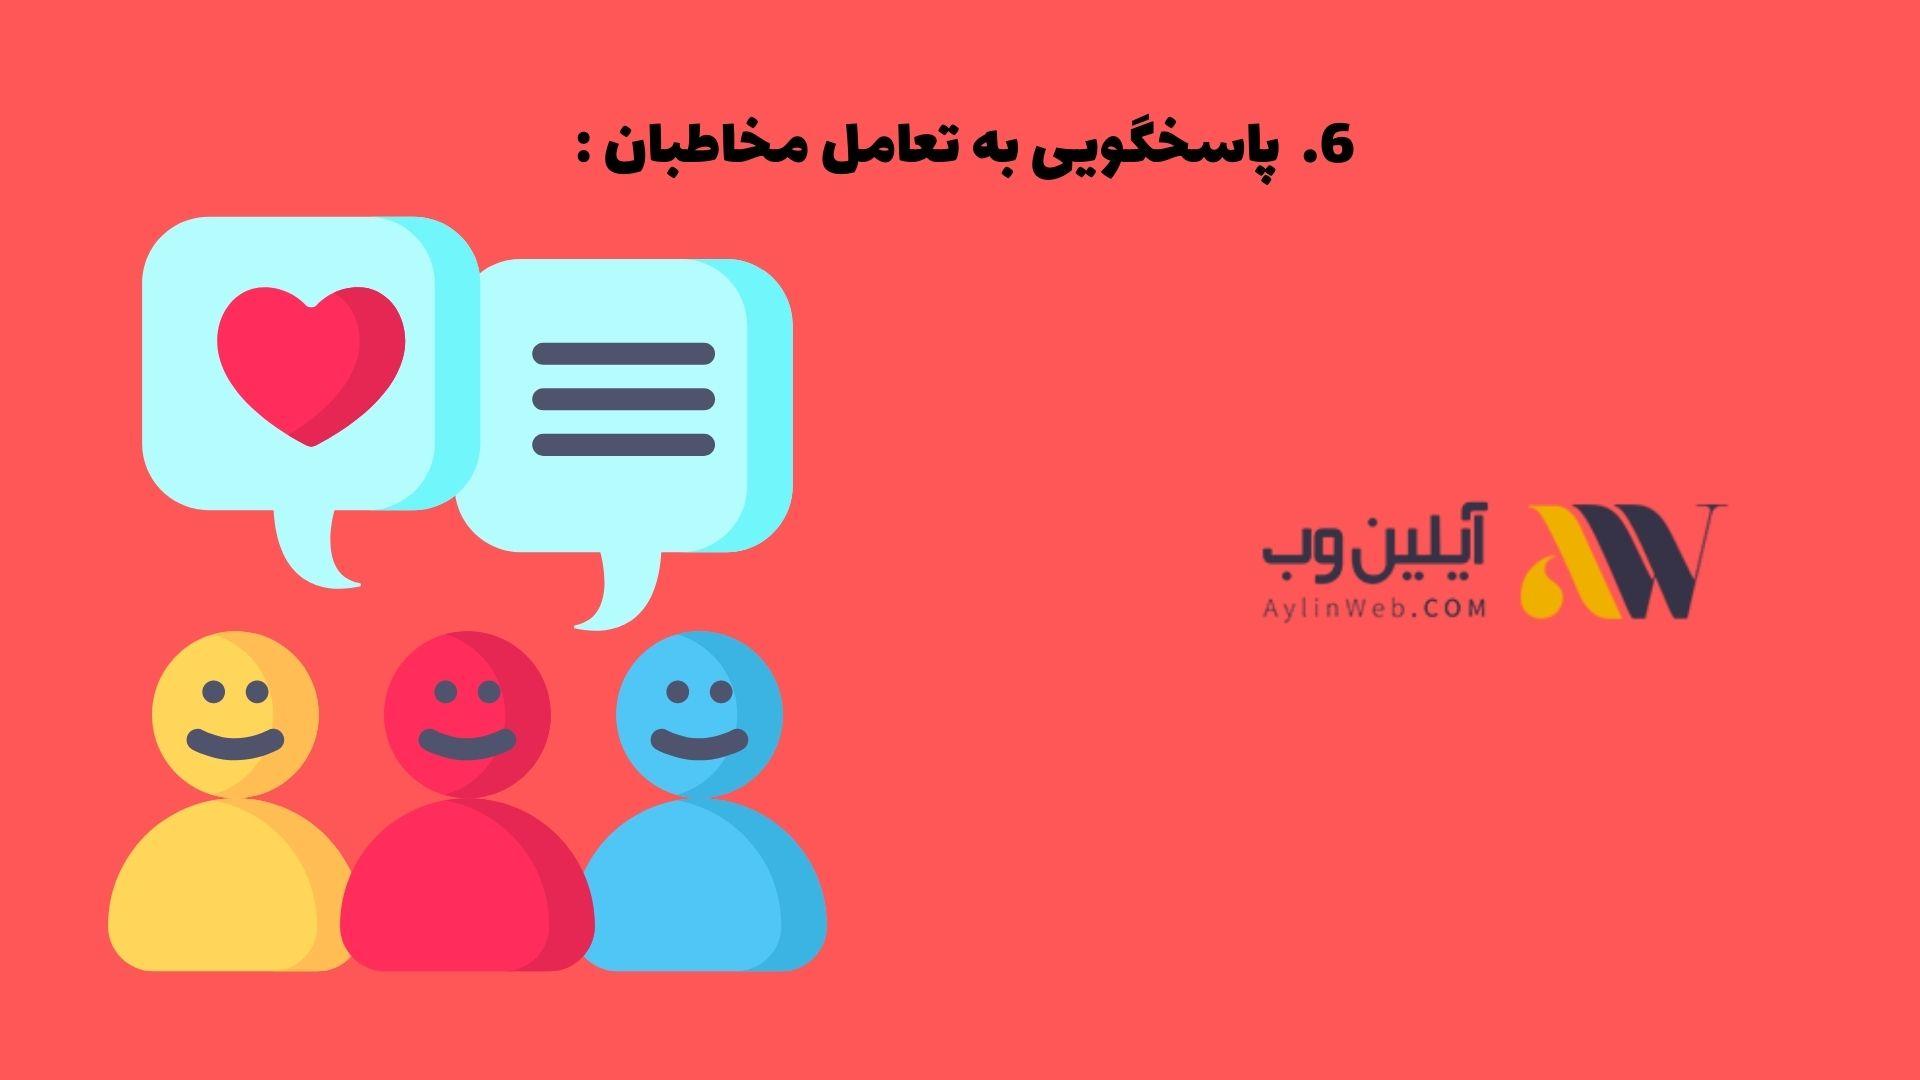 پاسخگویی به تعامل مخاطبان :